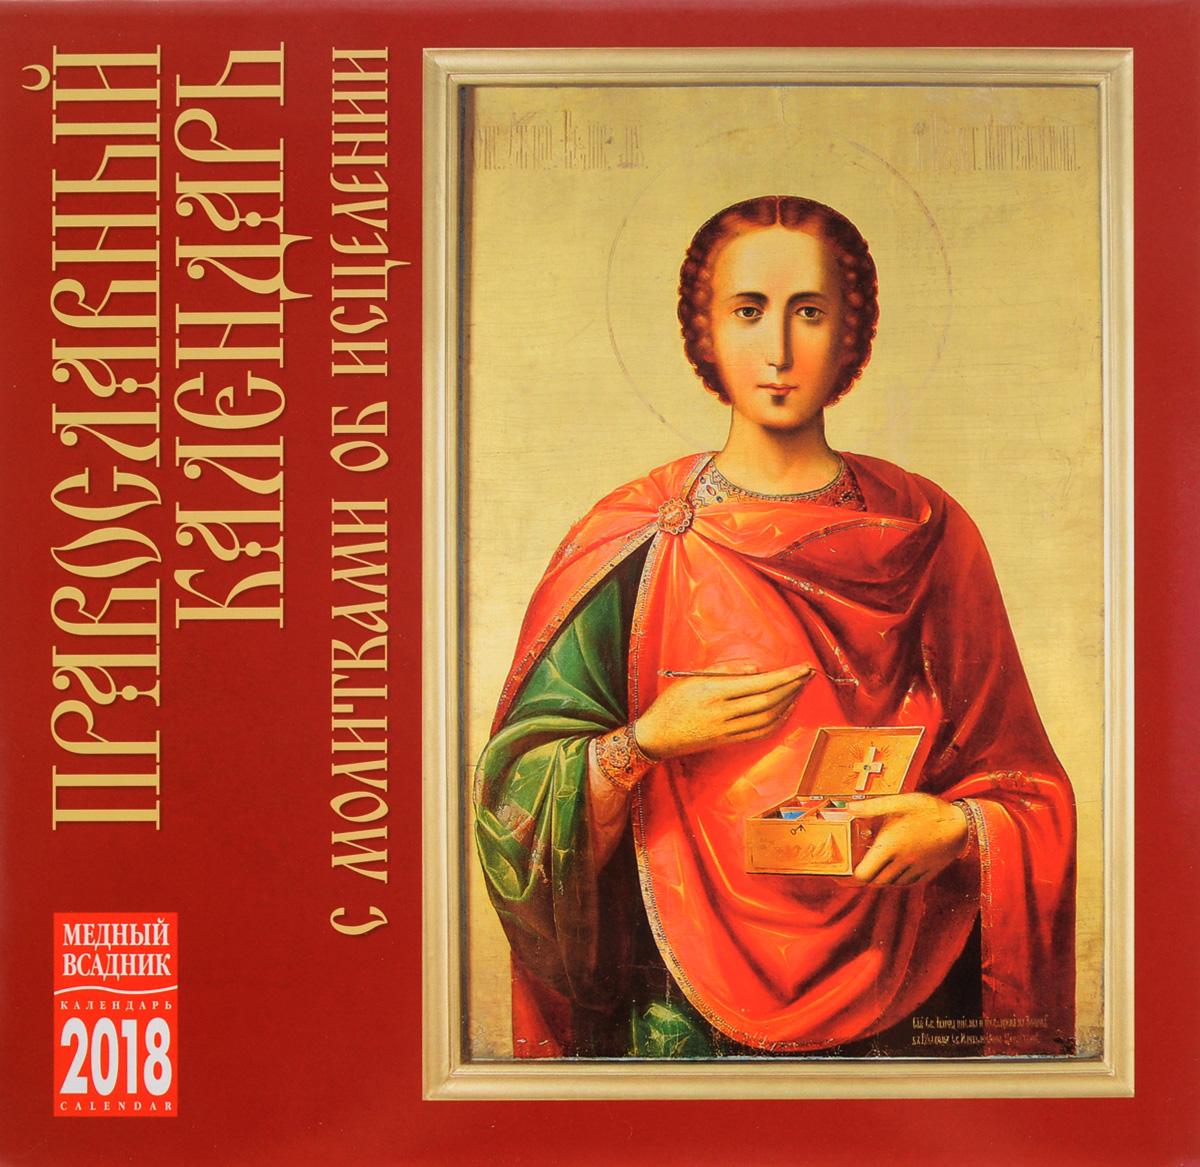 Календарь 2018 год (на скрепке). Исцеляющая икона год с афонскими старцами православный календарь на 2018 год